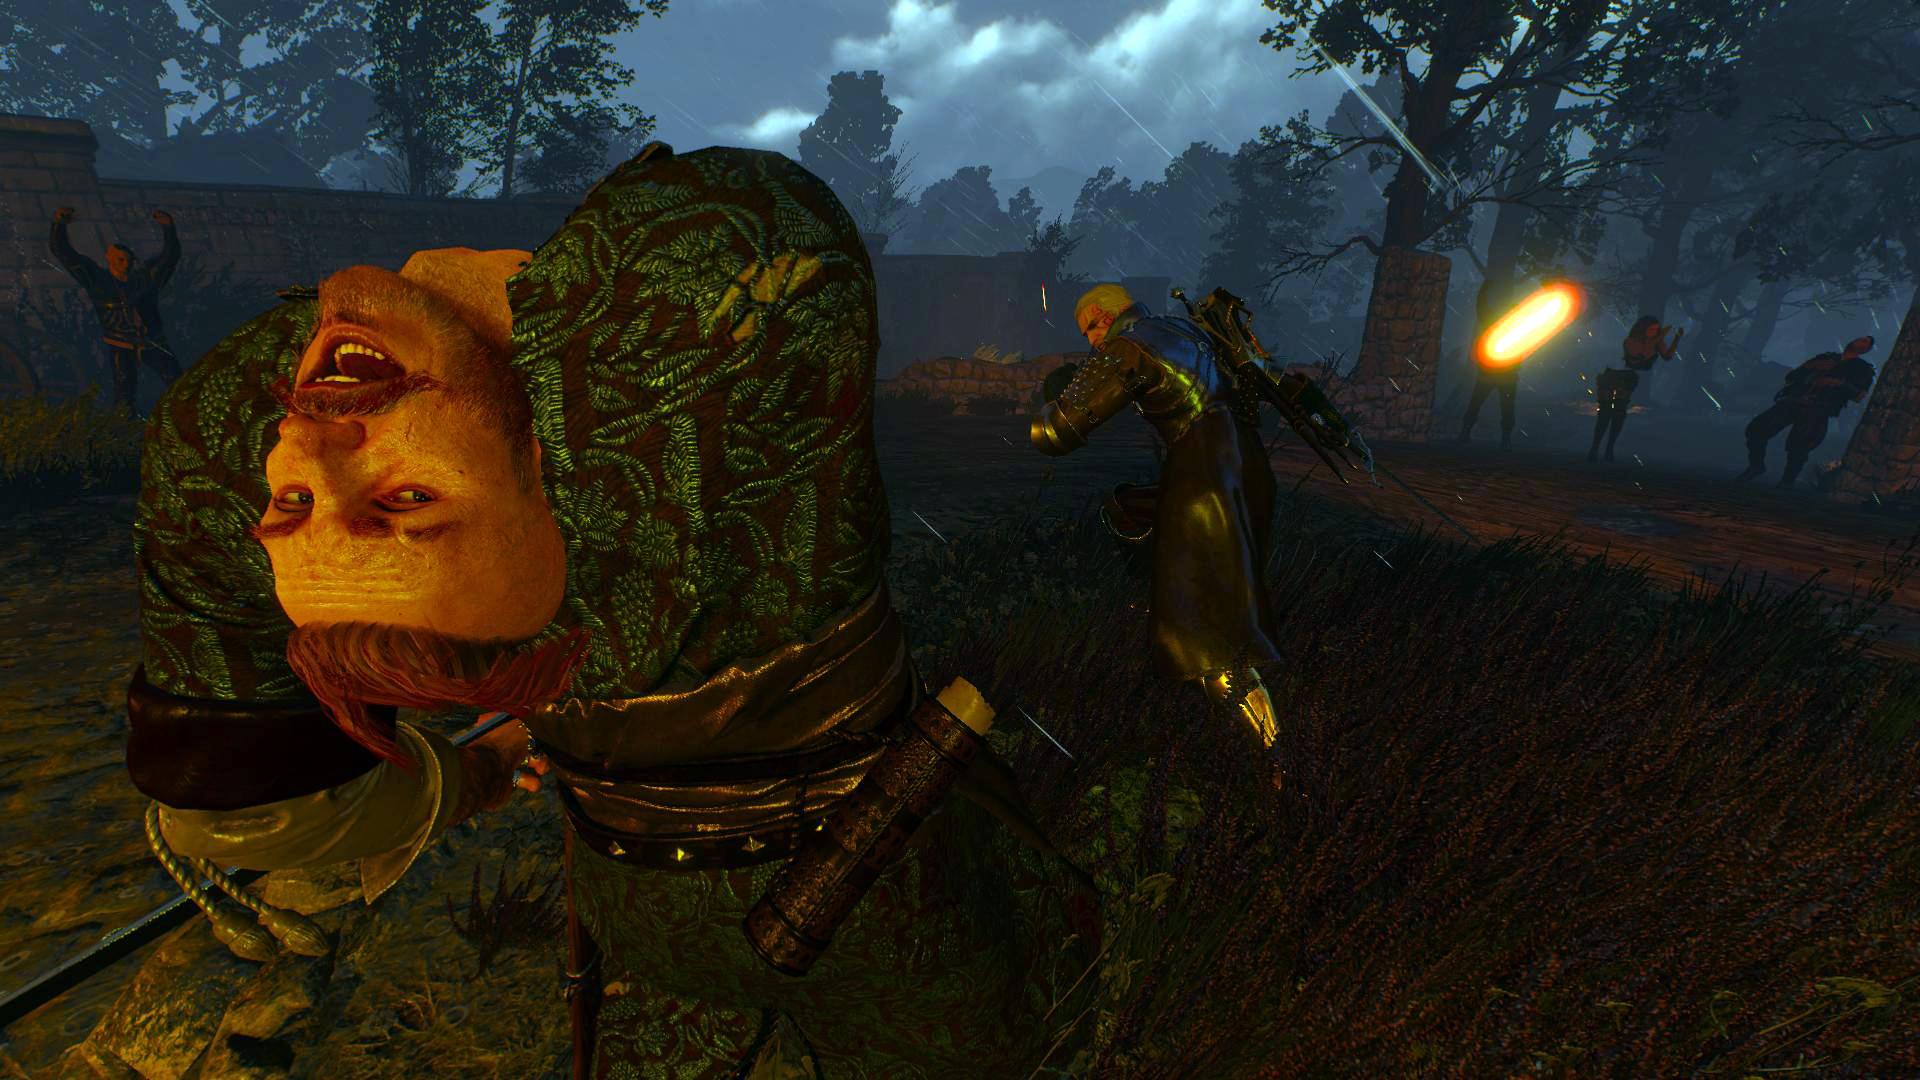 witcher3 2020-03-27 20-47-33-93.jpg - The Witcher 3: Wild Hunt